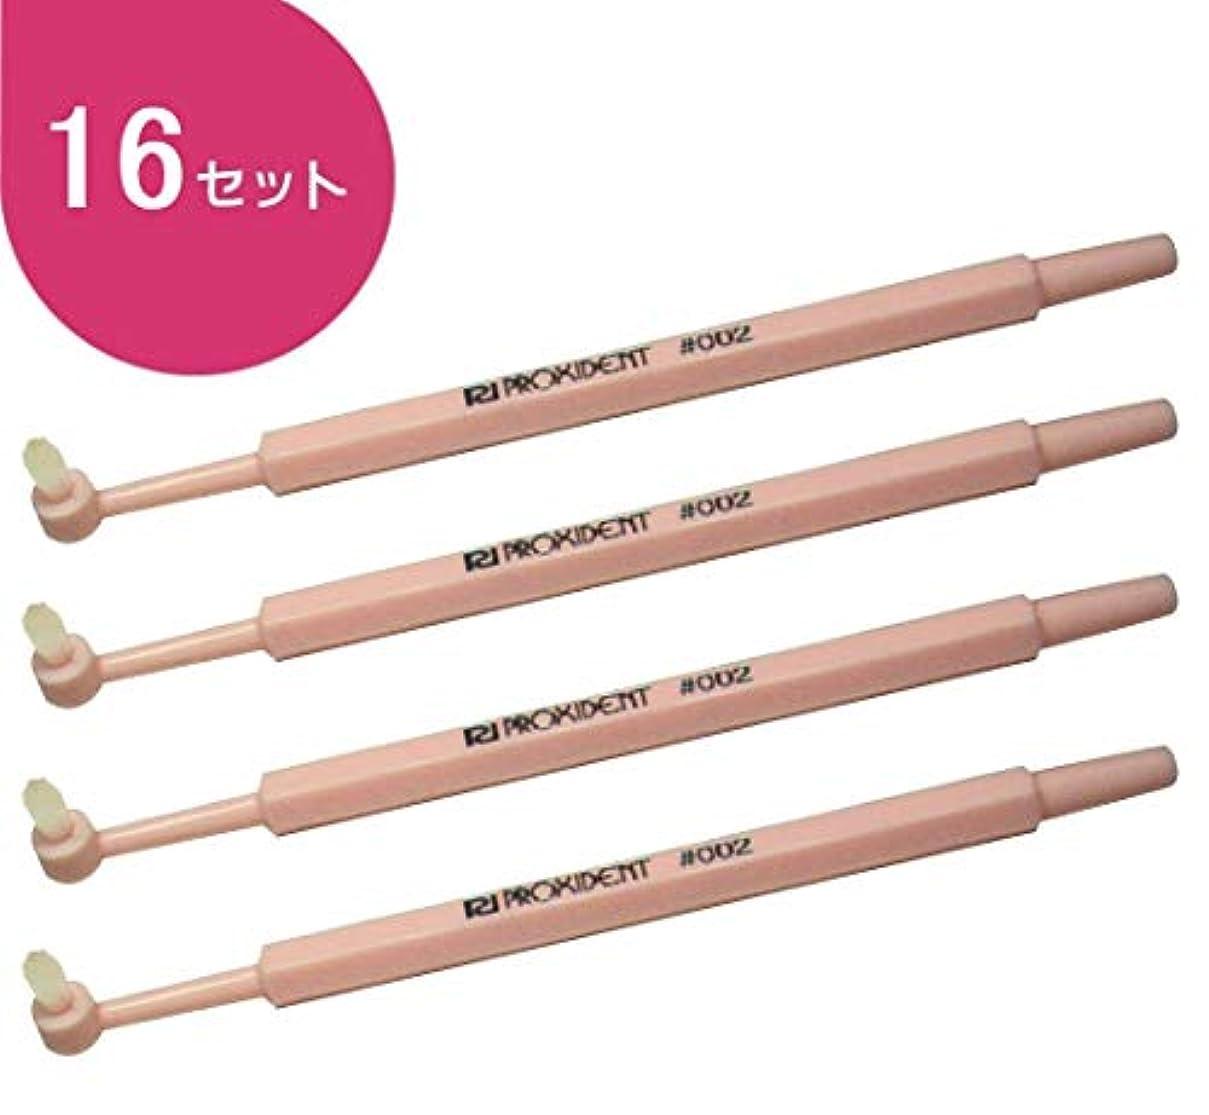 踏み台三十いちゃつくプローデント プロキシデント フィックスワン(Fix one)歯ブラシ #002 soft (16本)